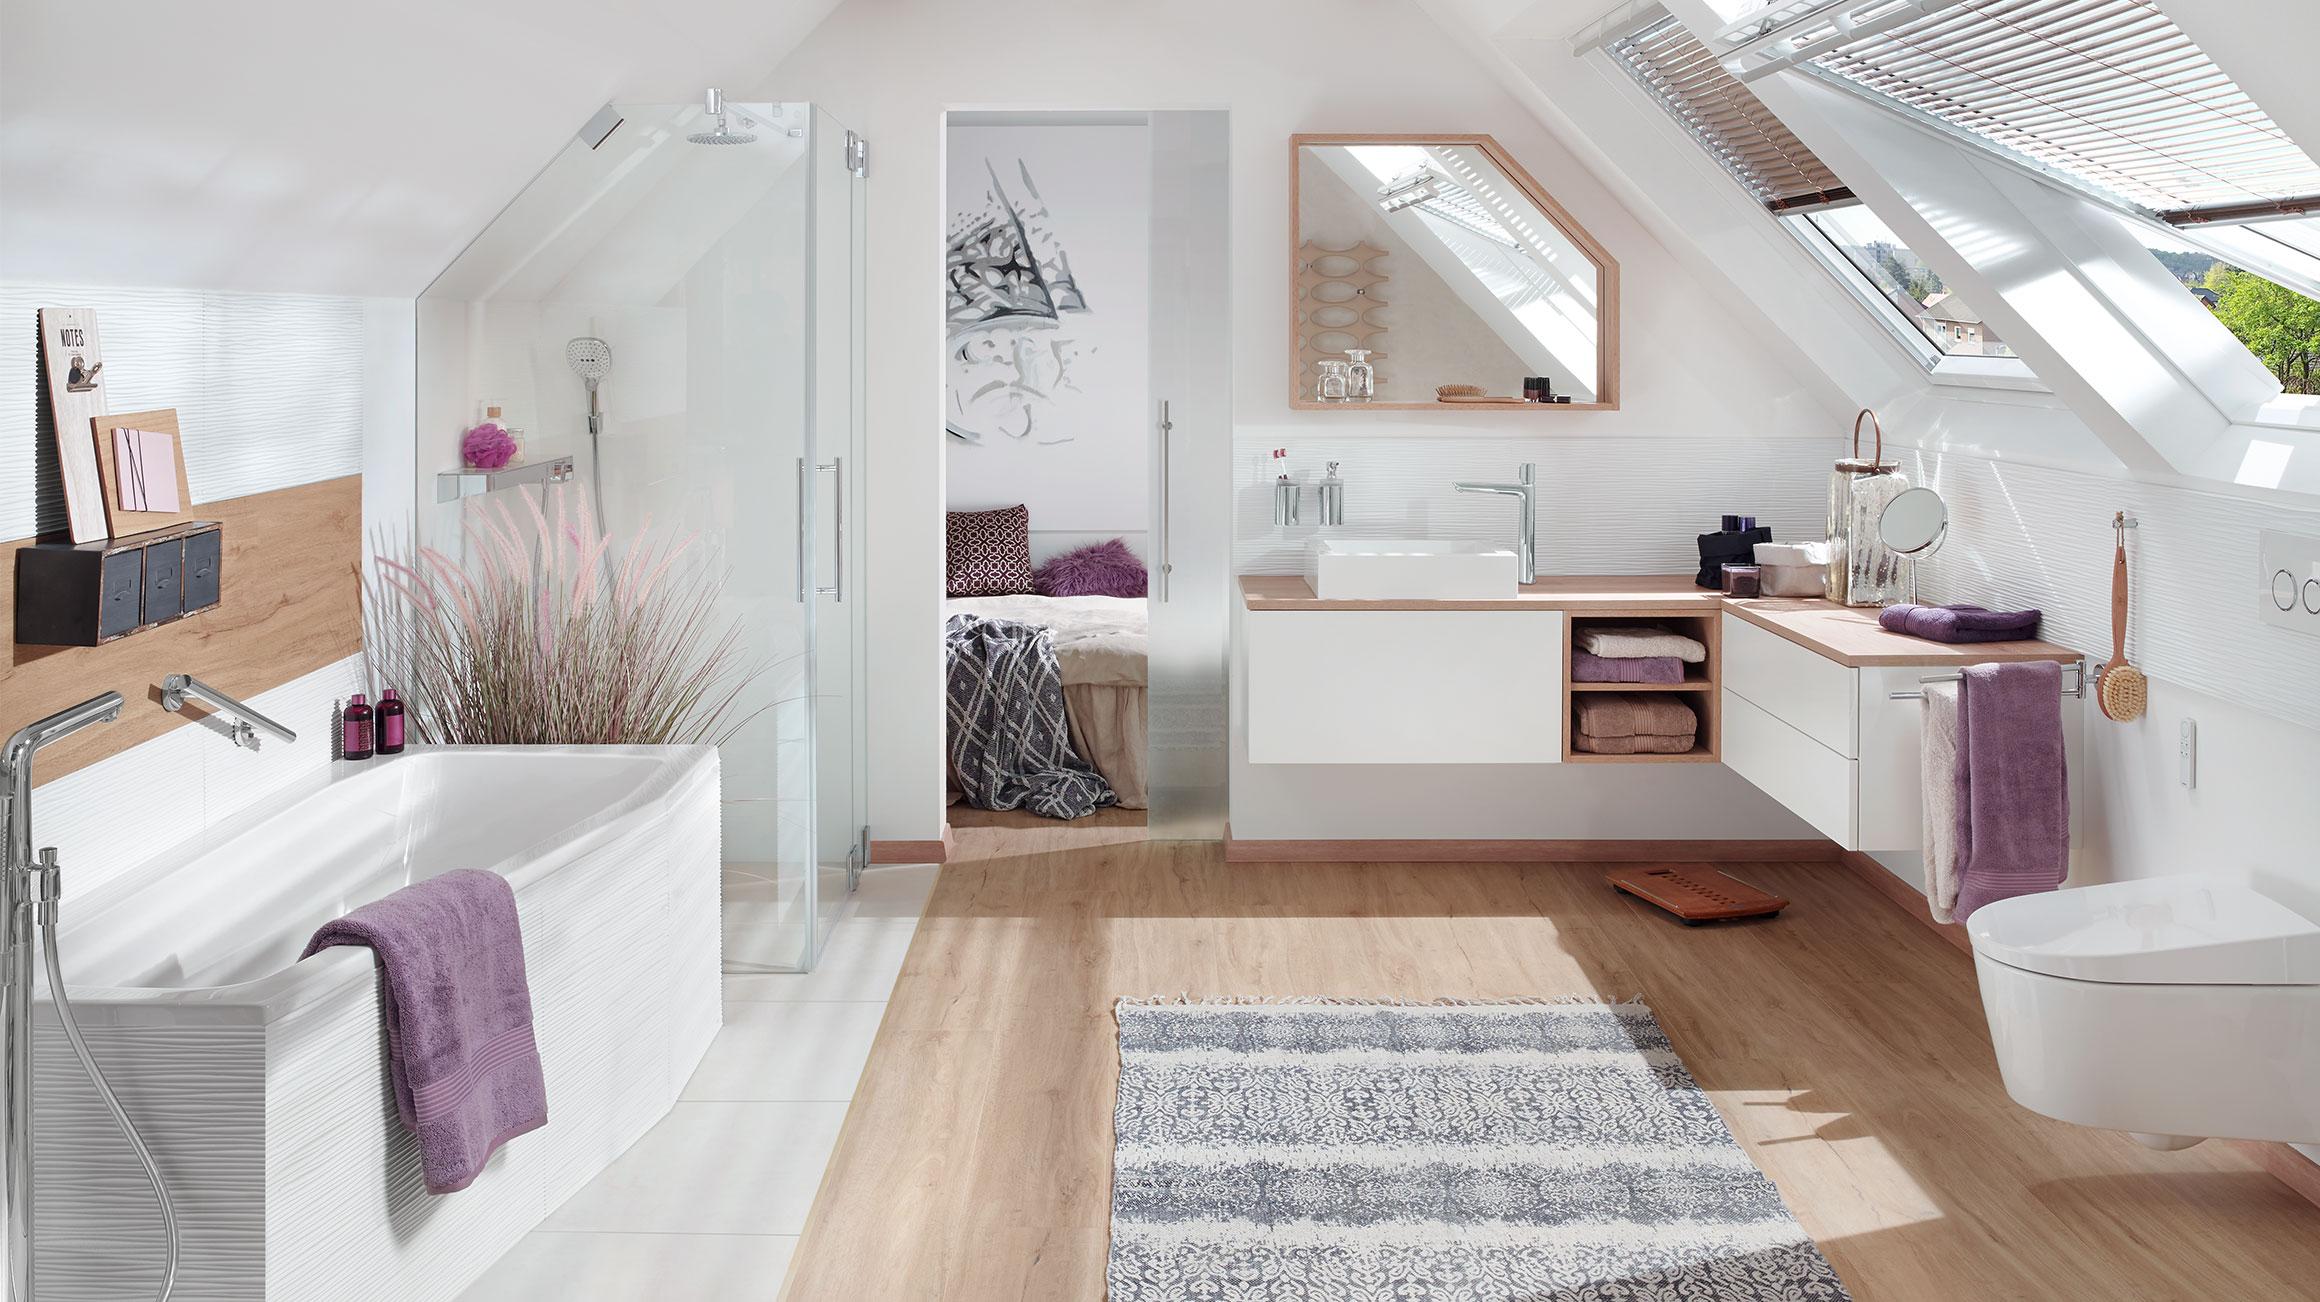 Een Gezellige Badkamer : De woonbadkamer gezellig inrichten u bijvoorbeeld onder het dak